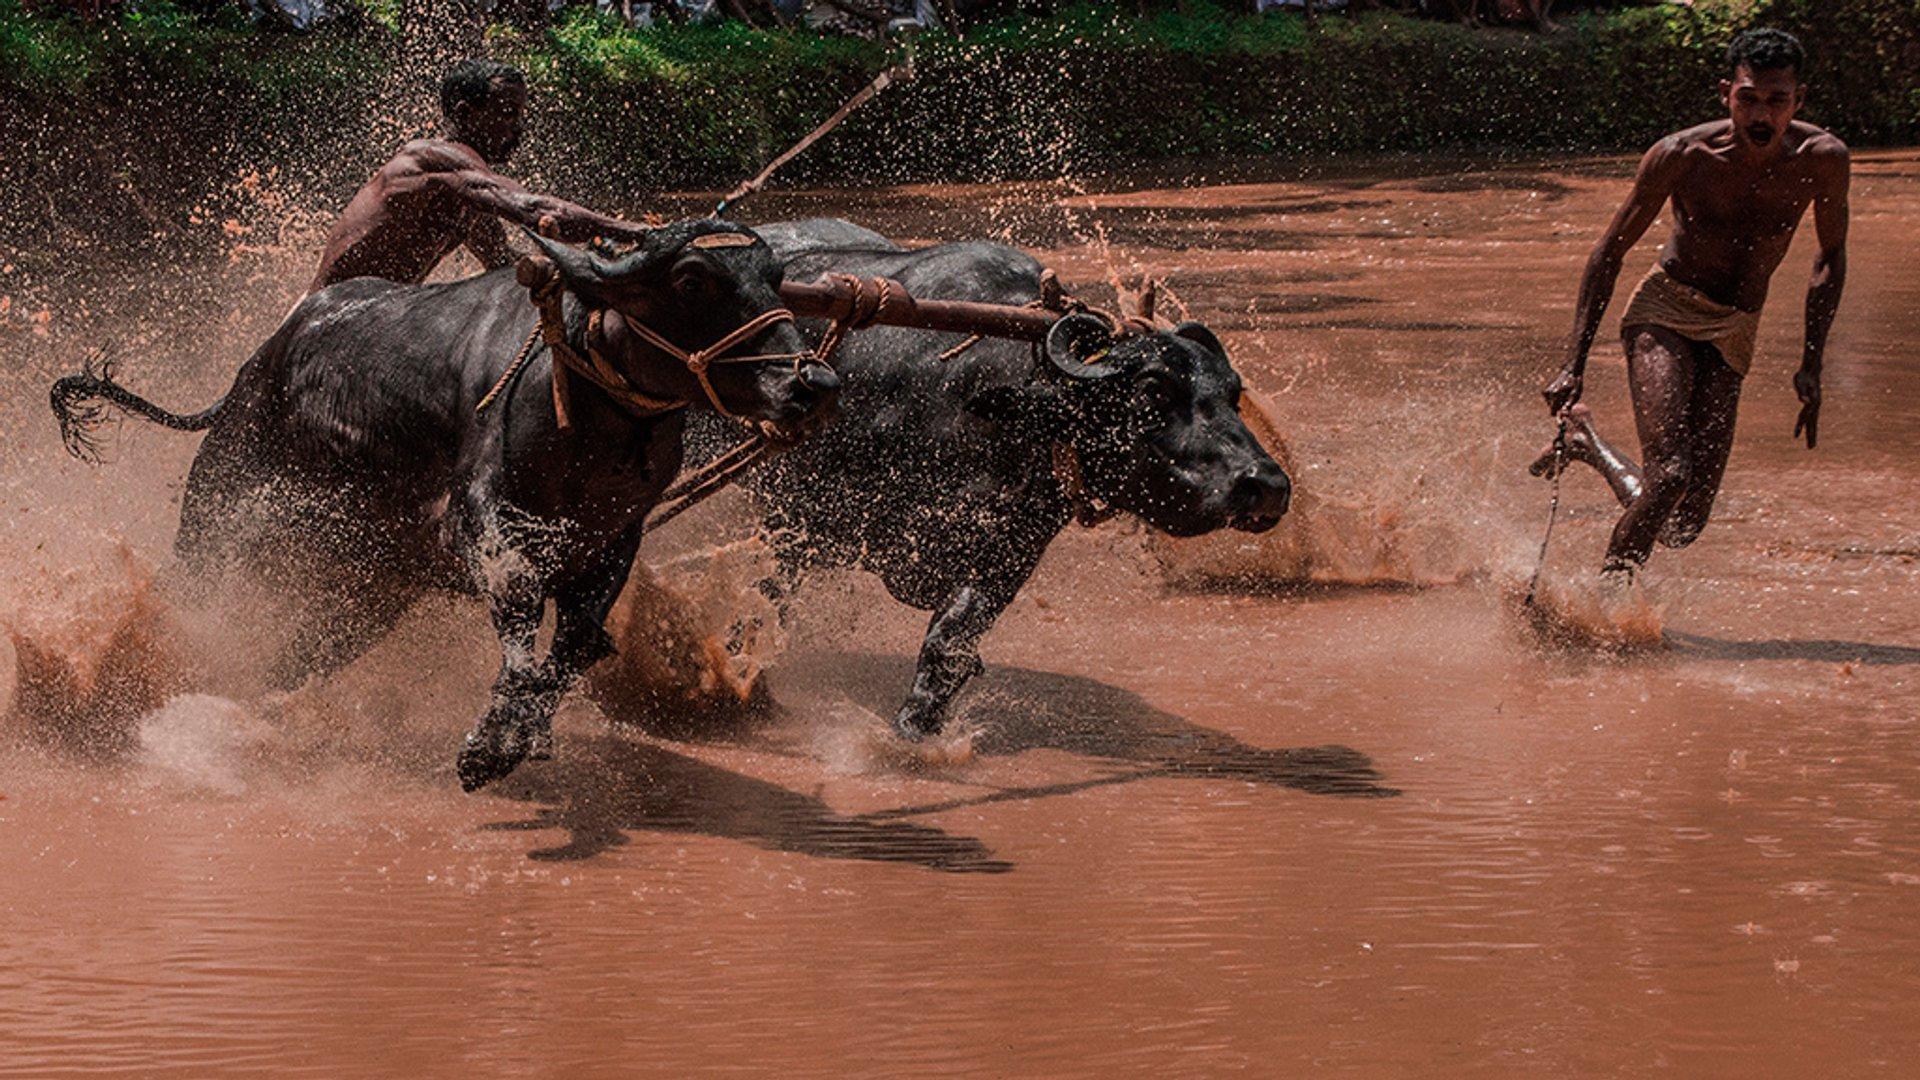 Bull Surfing in Kerala 2020 - Best Time